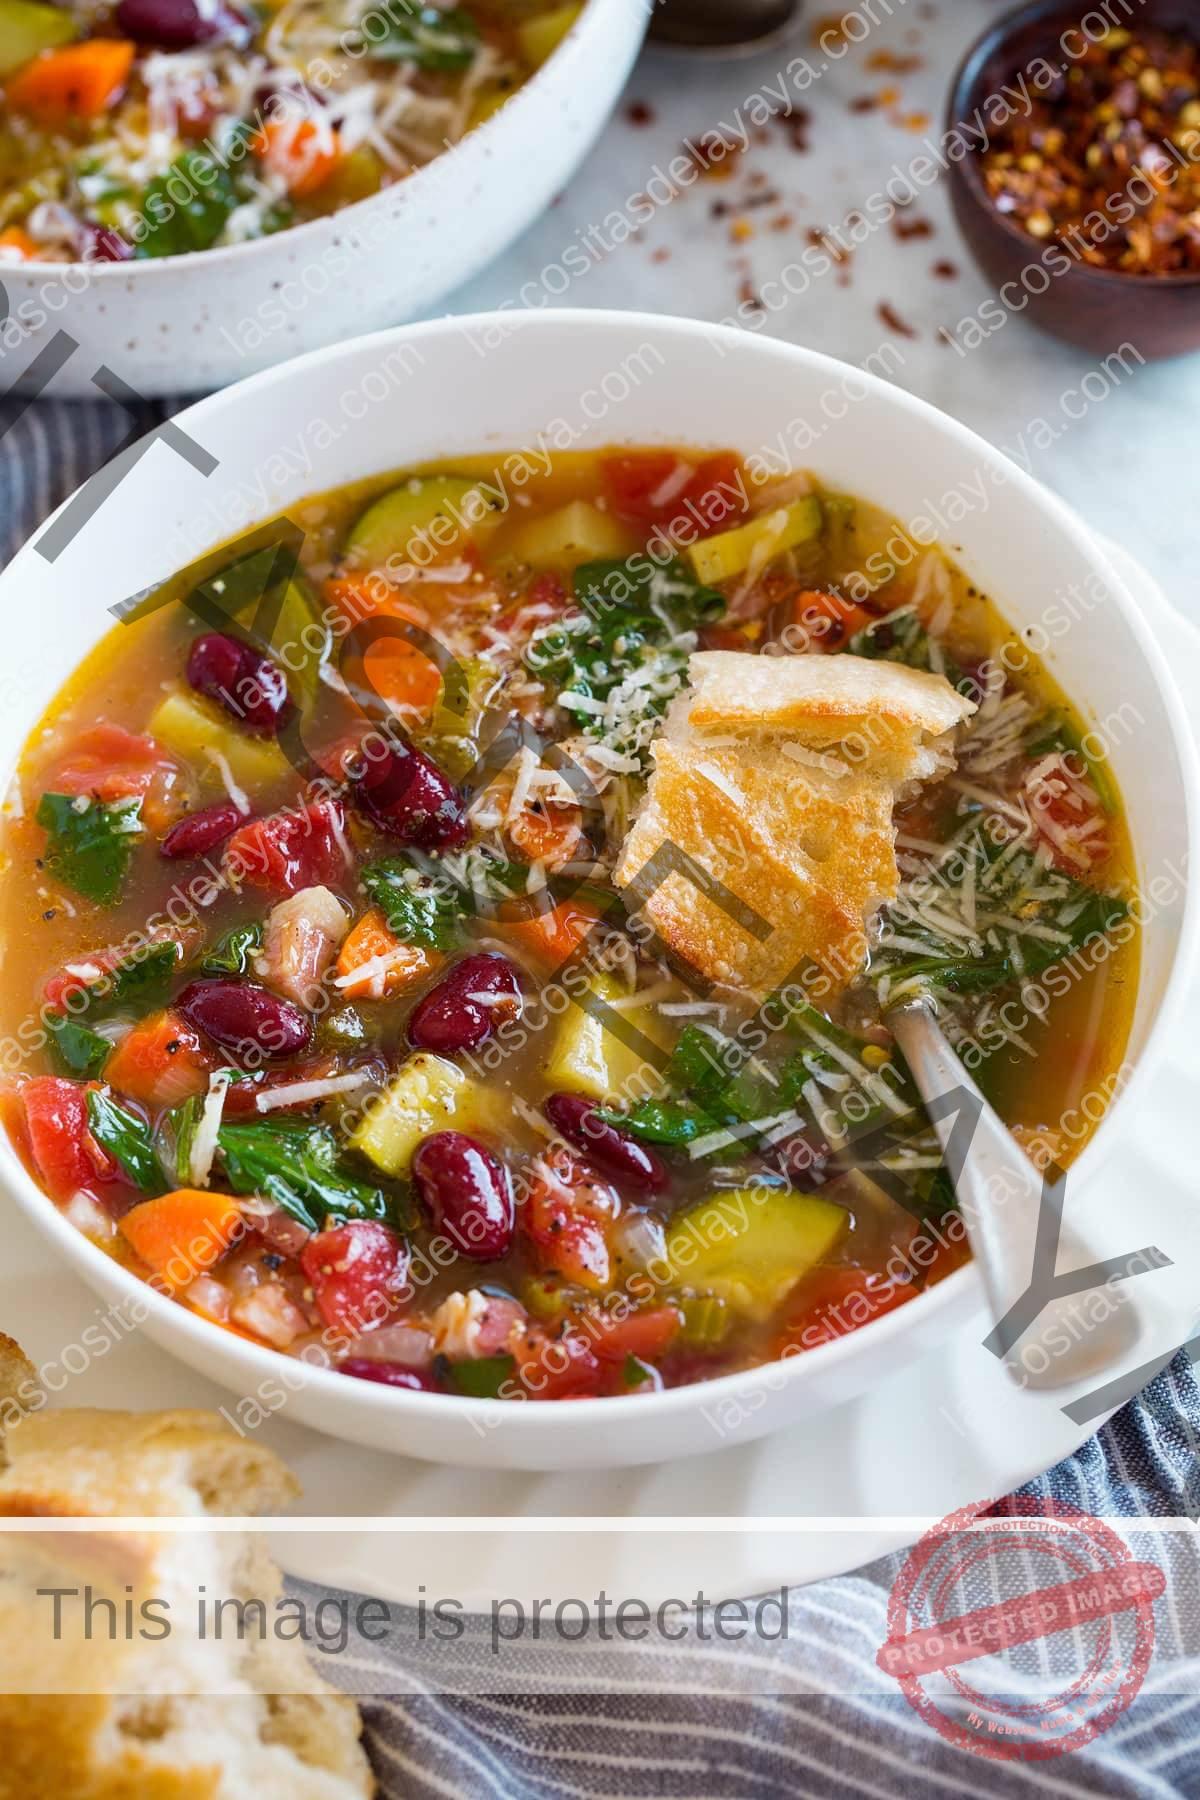 Imagen de una porción de sopa minestrone en un recipiente blanco sobre un plato blanco.  La sopa se adorna con parmesano y se cubre con pan.